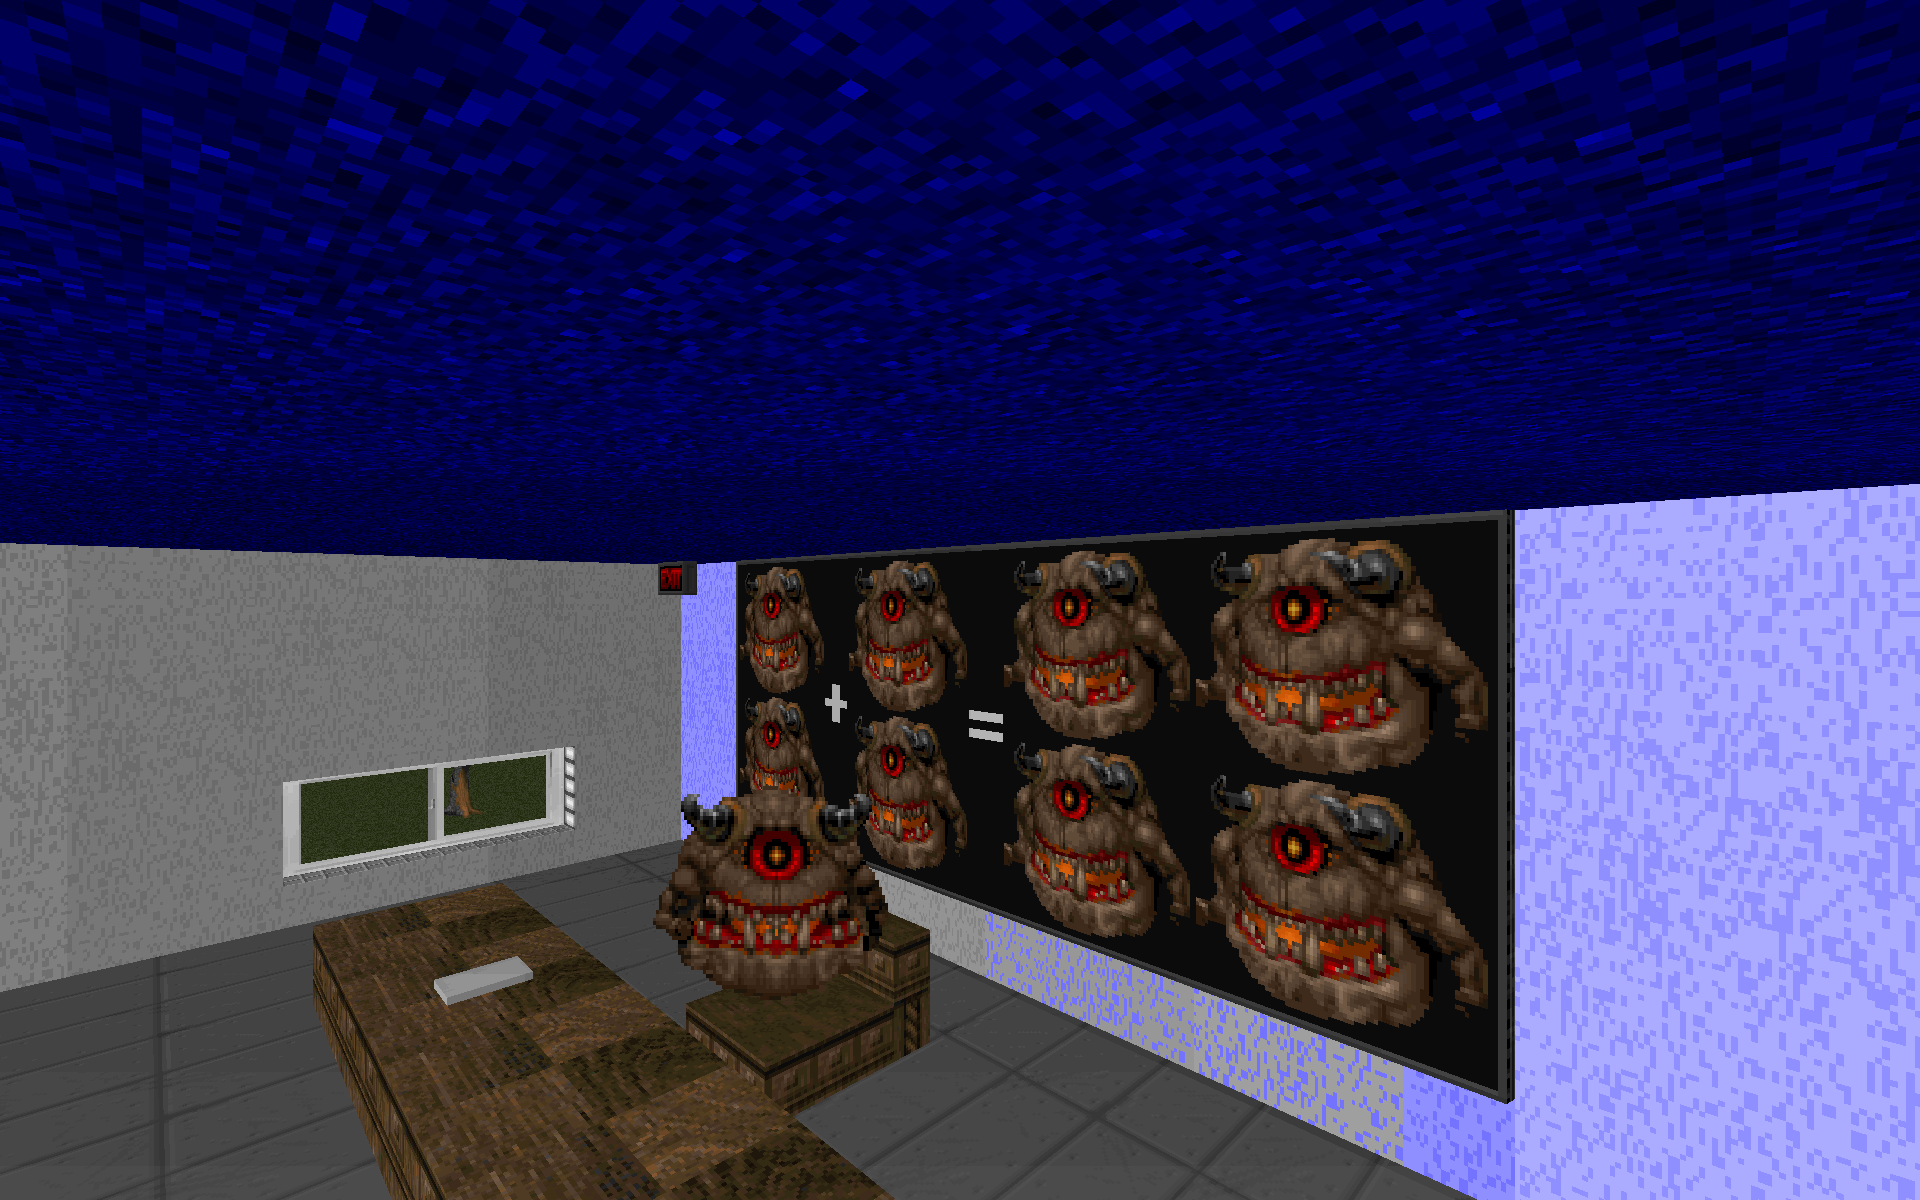 Screenshot_Doom_20201014_100342.png.31d8fb80304dad7a1d6ec3ffca34b225.png